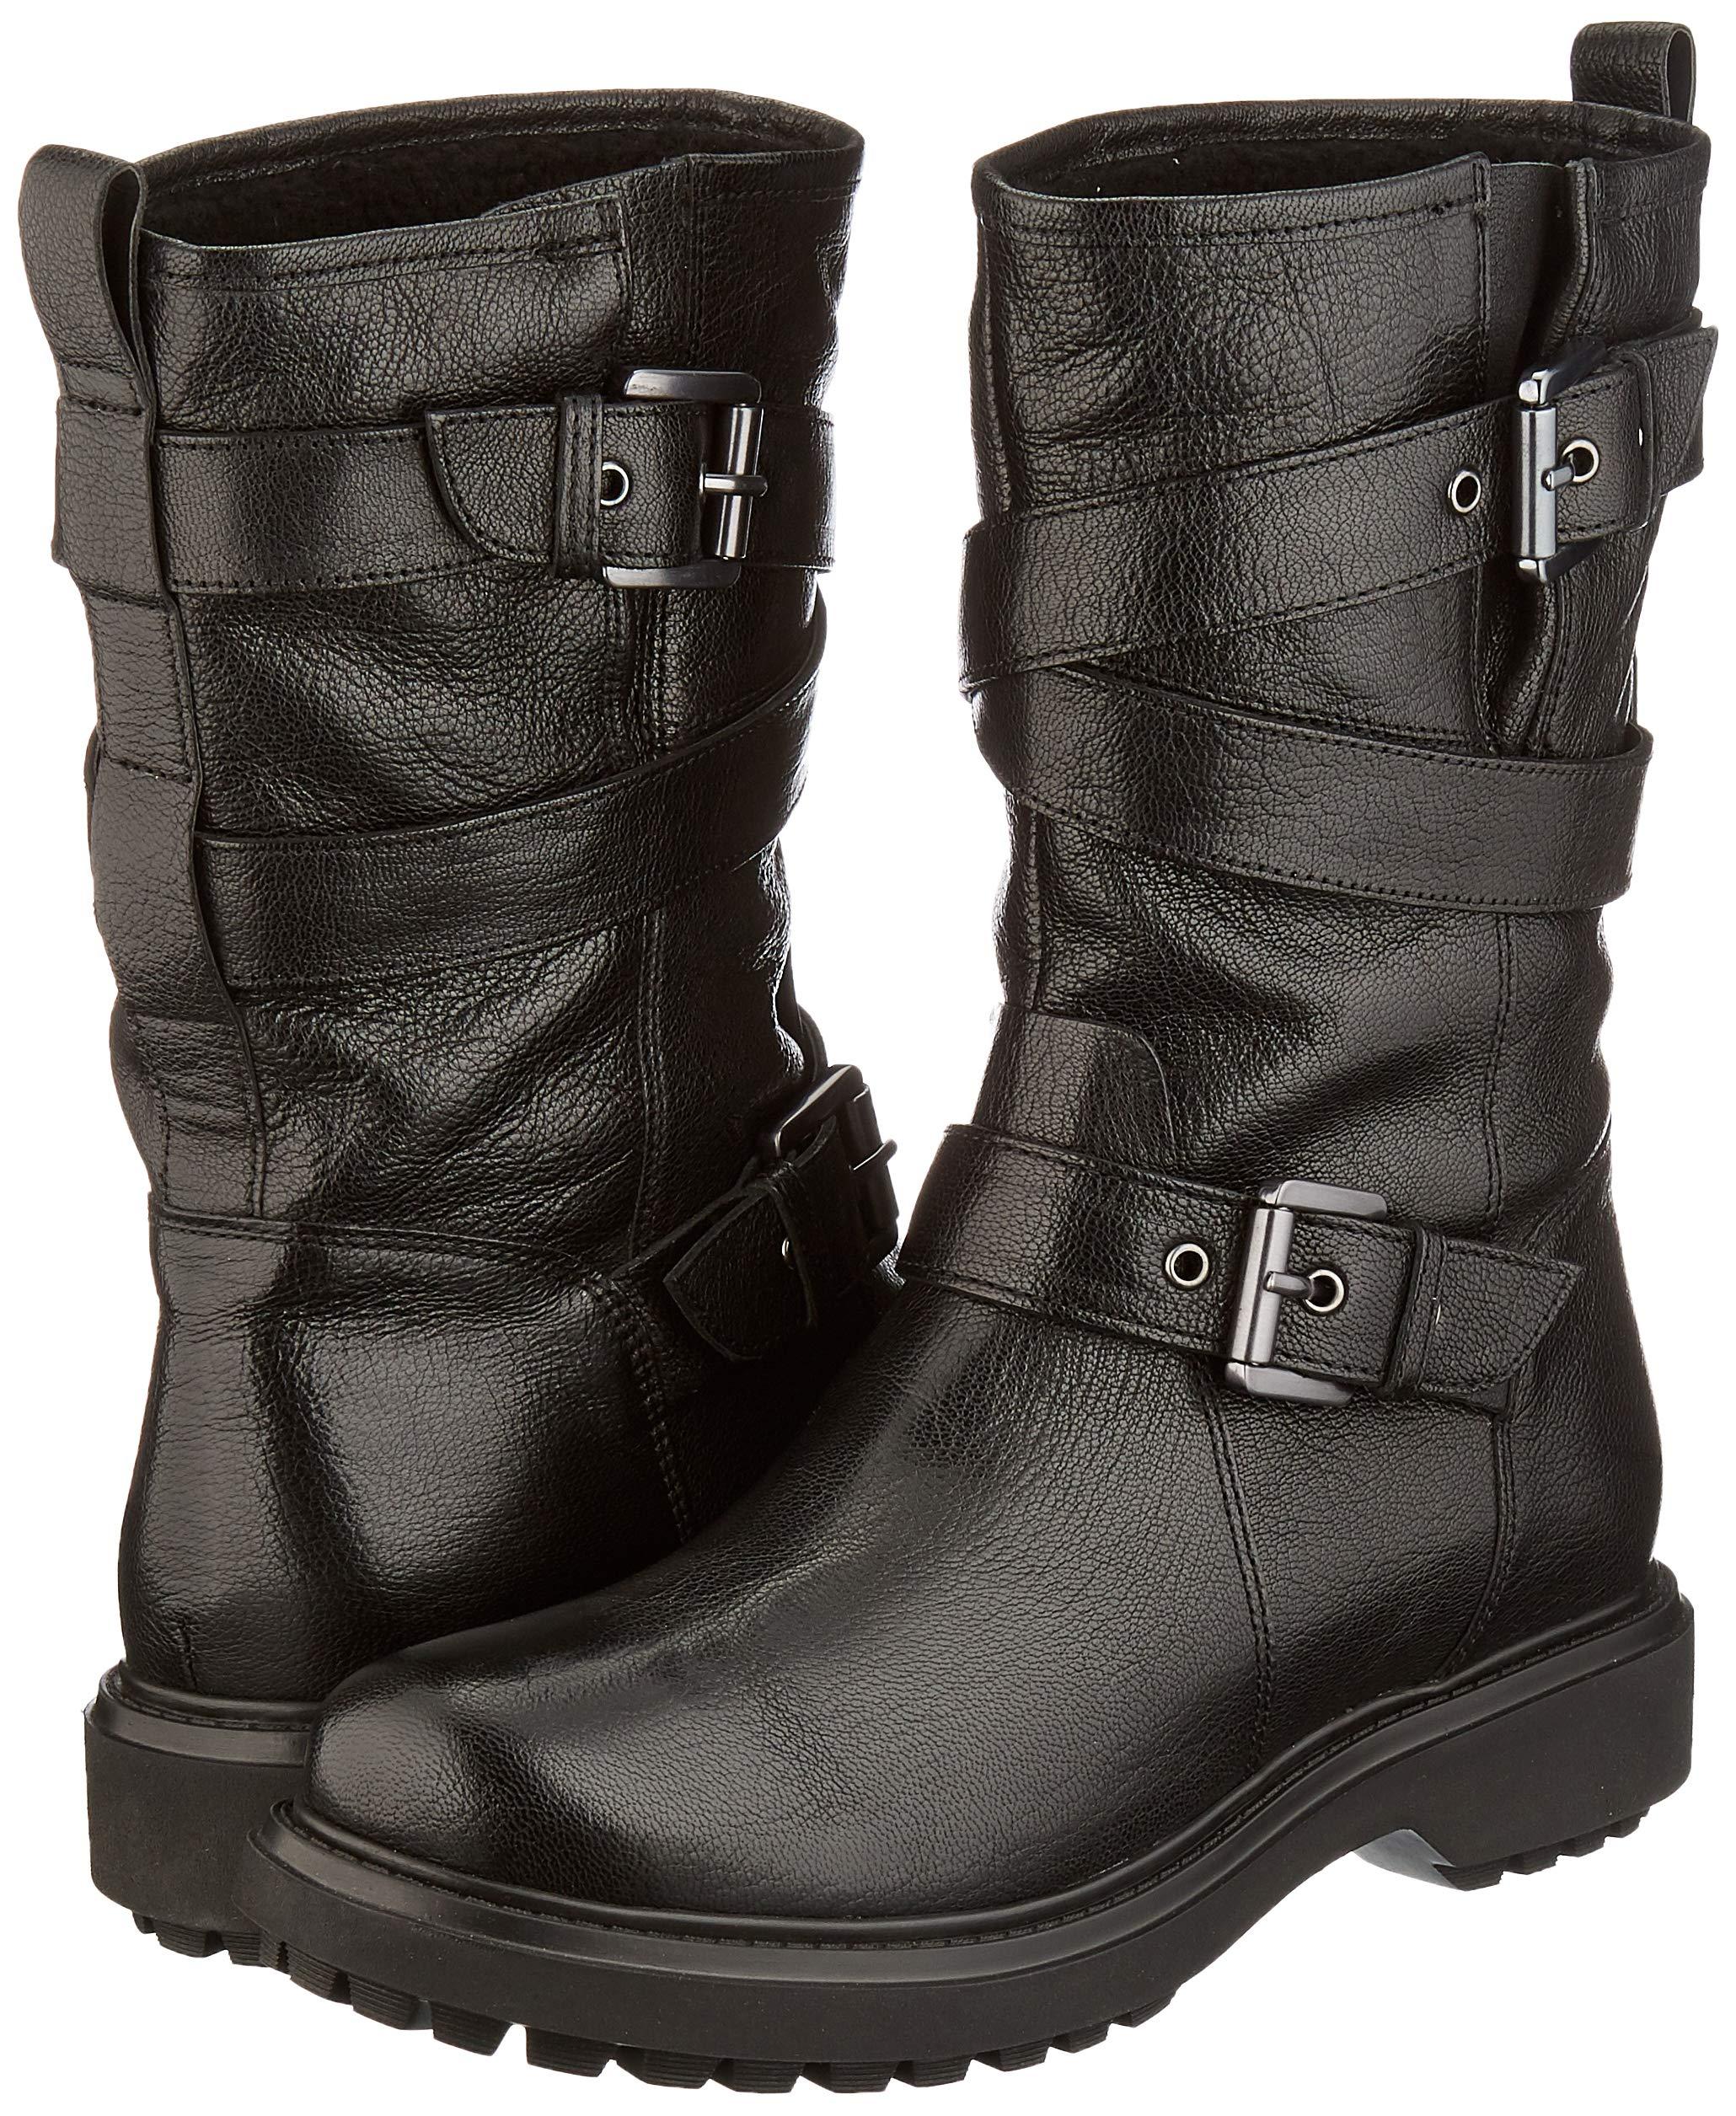 Geox Damen D Asheely D Biker Boots 5